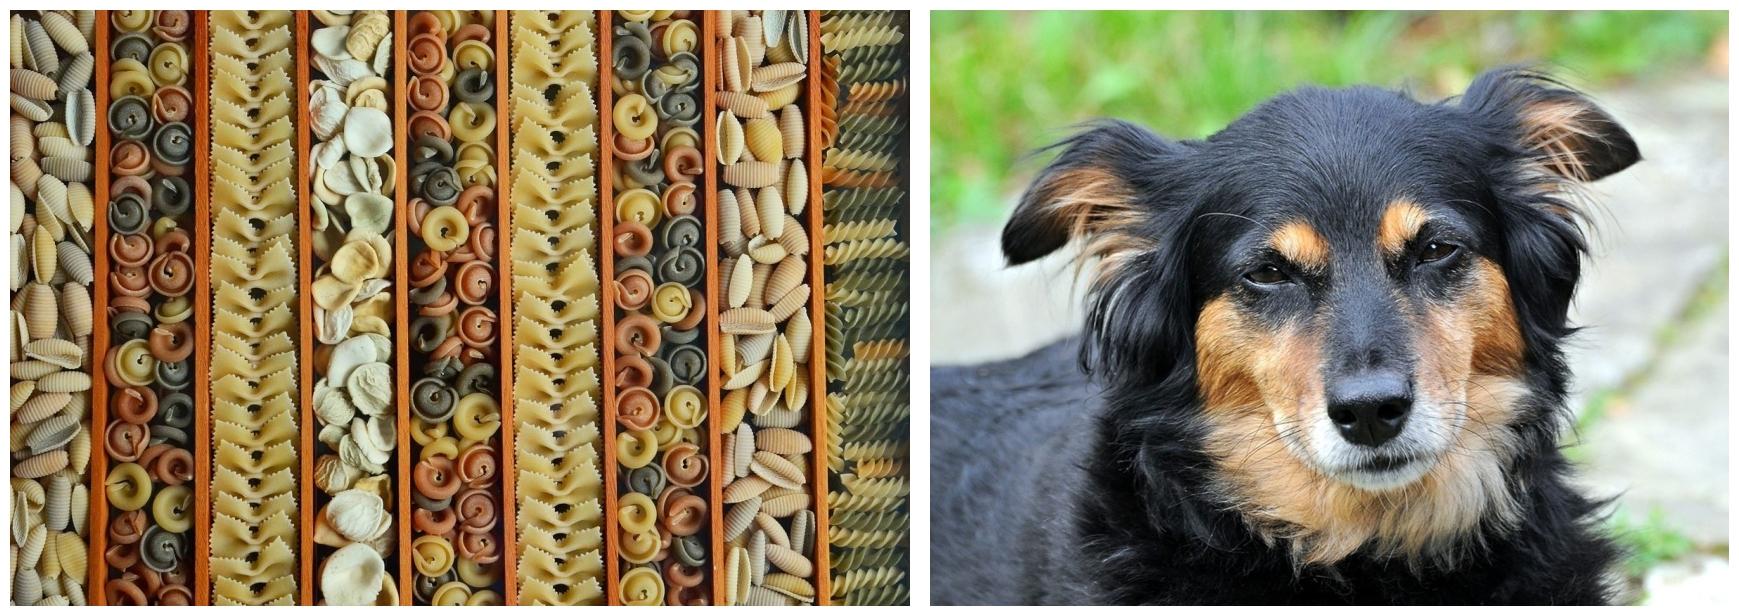 zdjęcie podzielone na dwa pola, w pierwszym różne rodzaje makaronu, w drugim pies kundelek